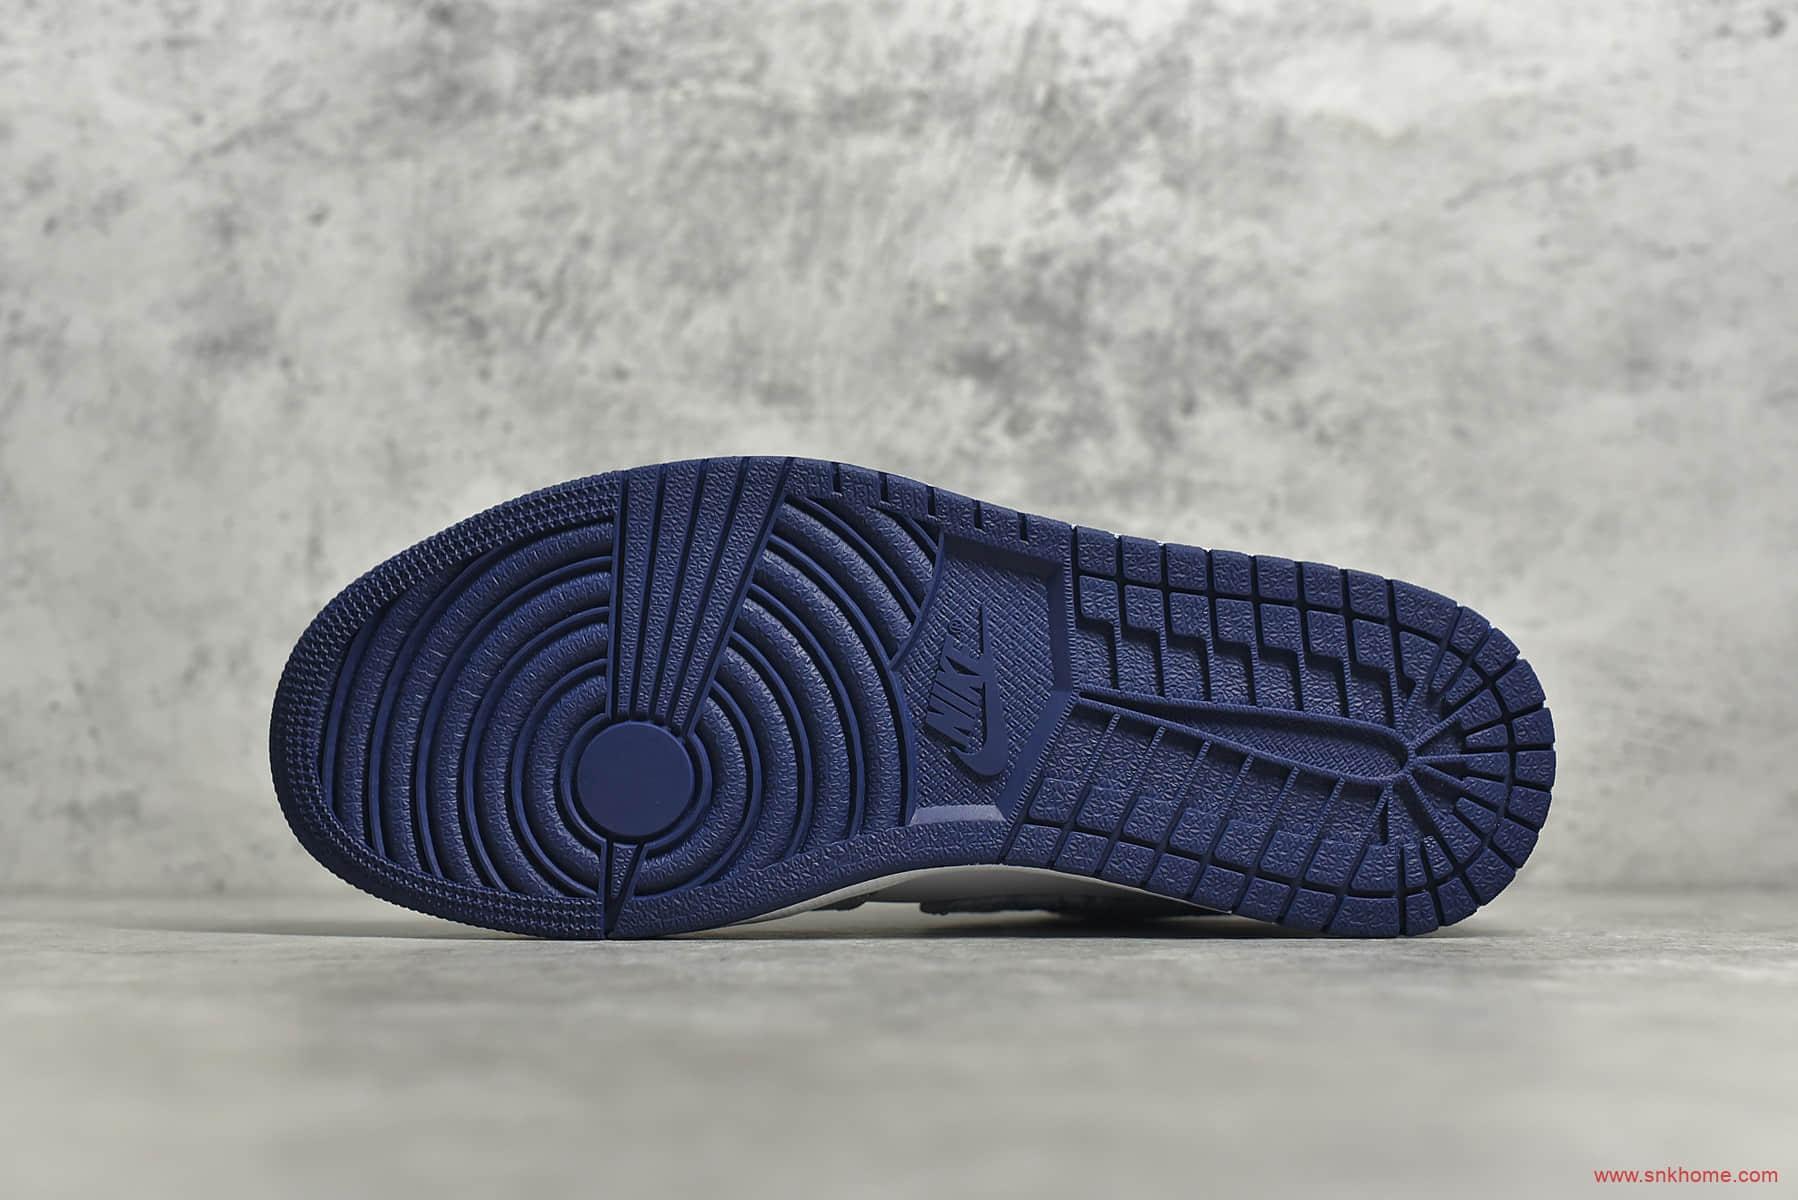 AJ1水泥单宁低帮 Air Jordan 1 LOw SE Washed Denim AJ1纯原版本 货号:CZ8455-100-潮流者之家